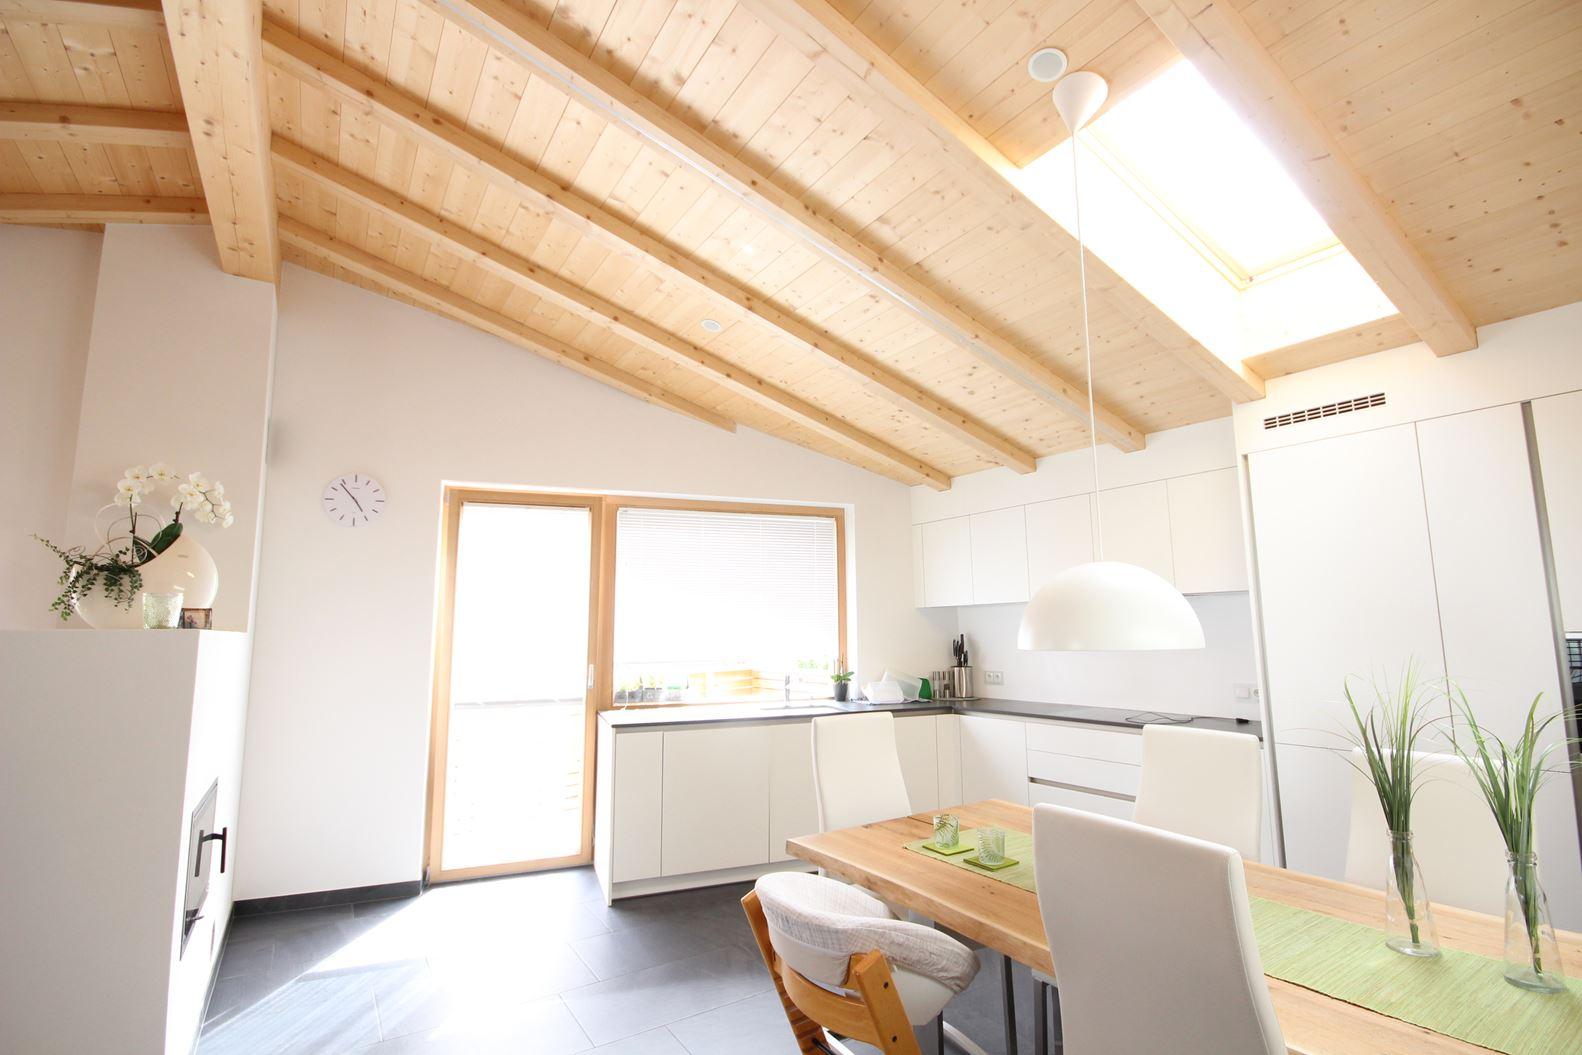 Una mansarda in montagna for Illuminazione sottotetto legno